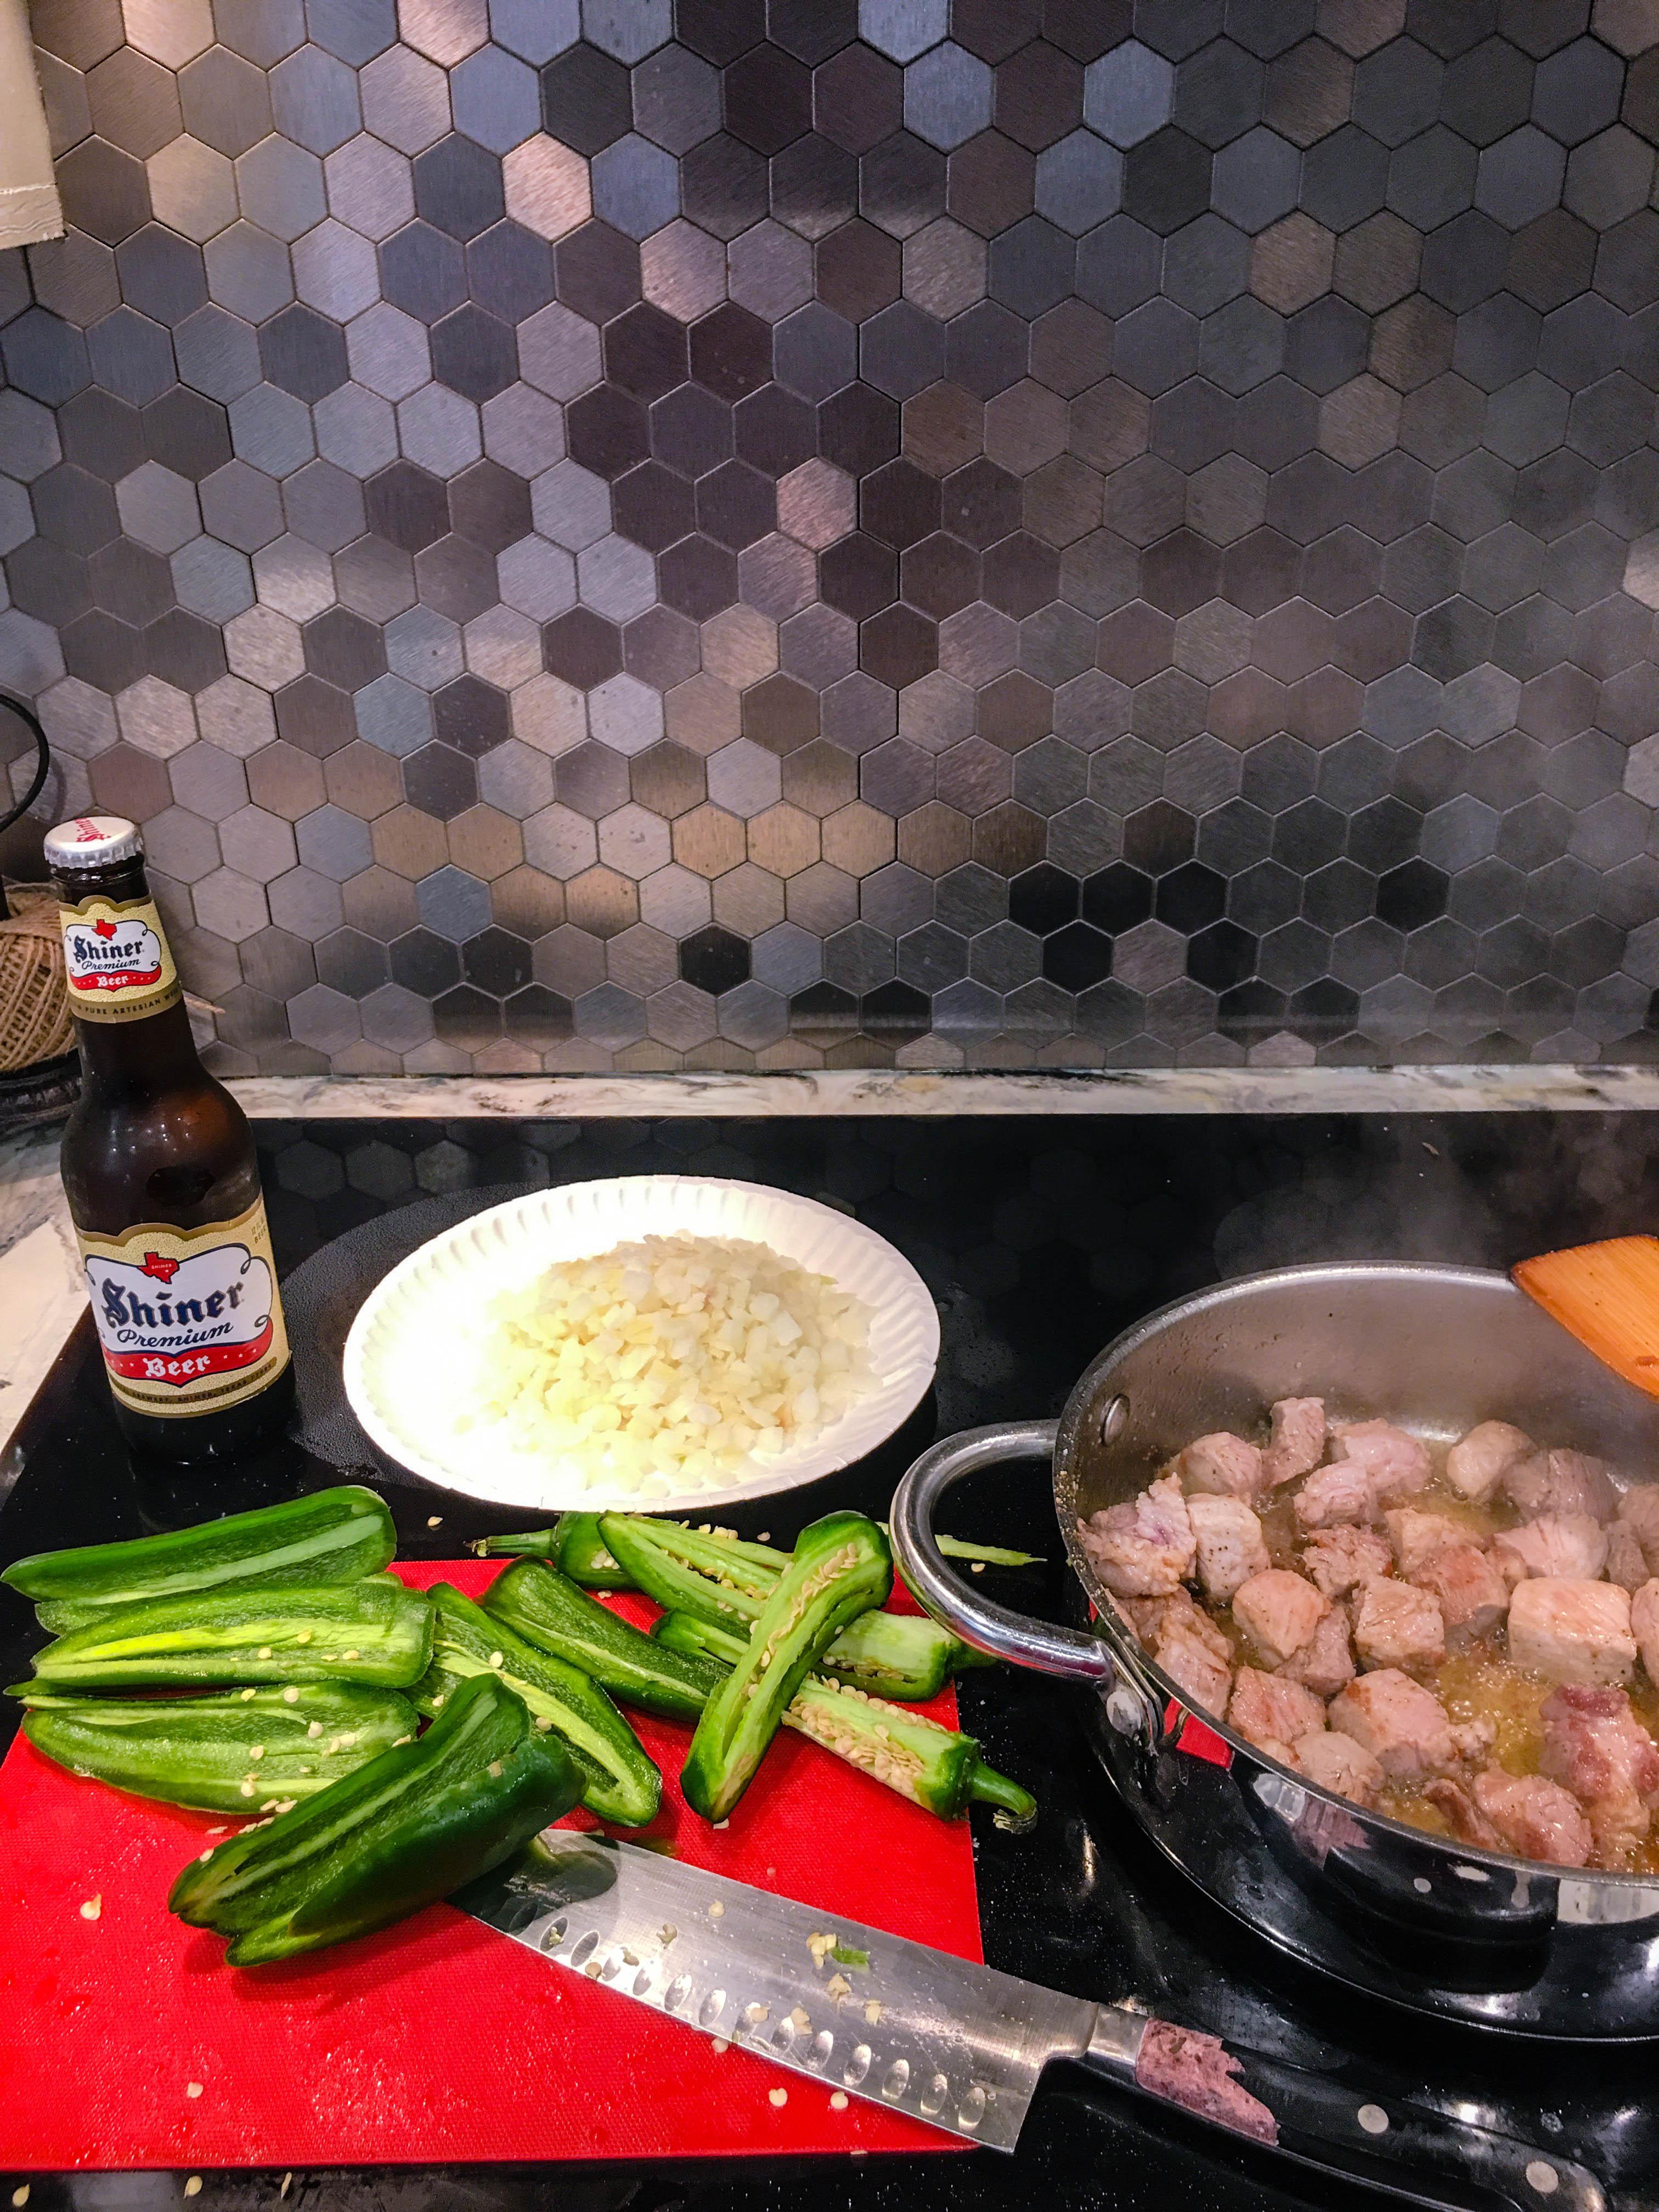 Pork carne guisada recipes